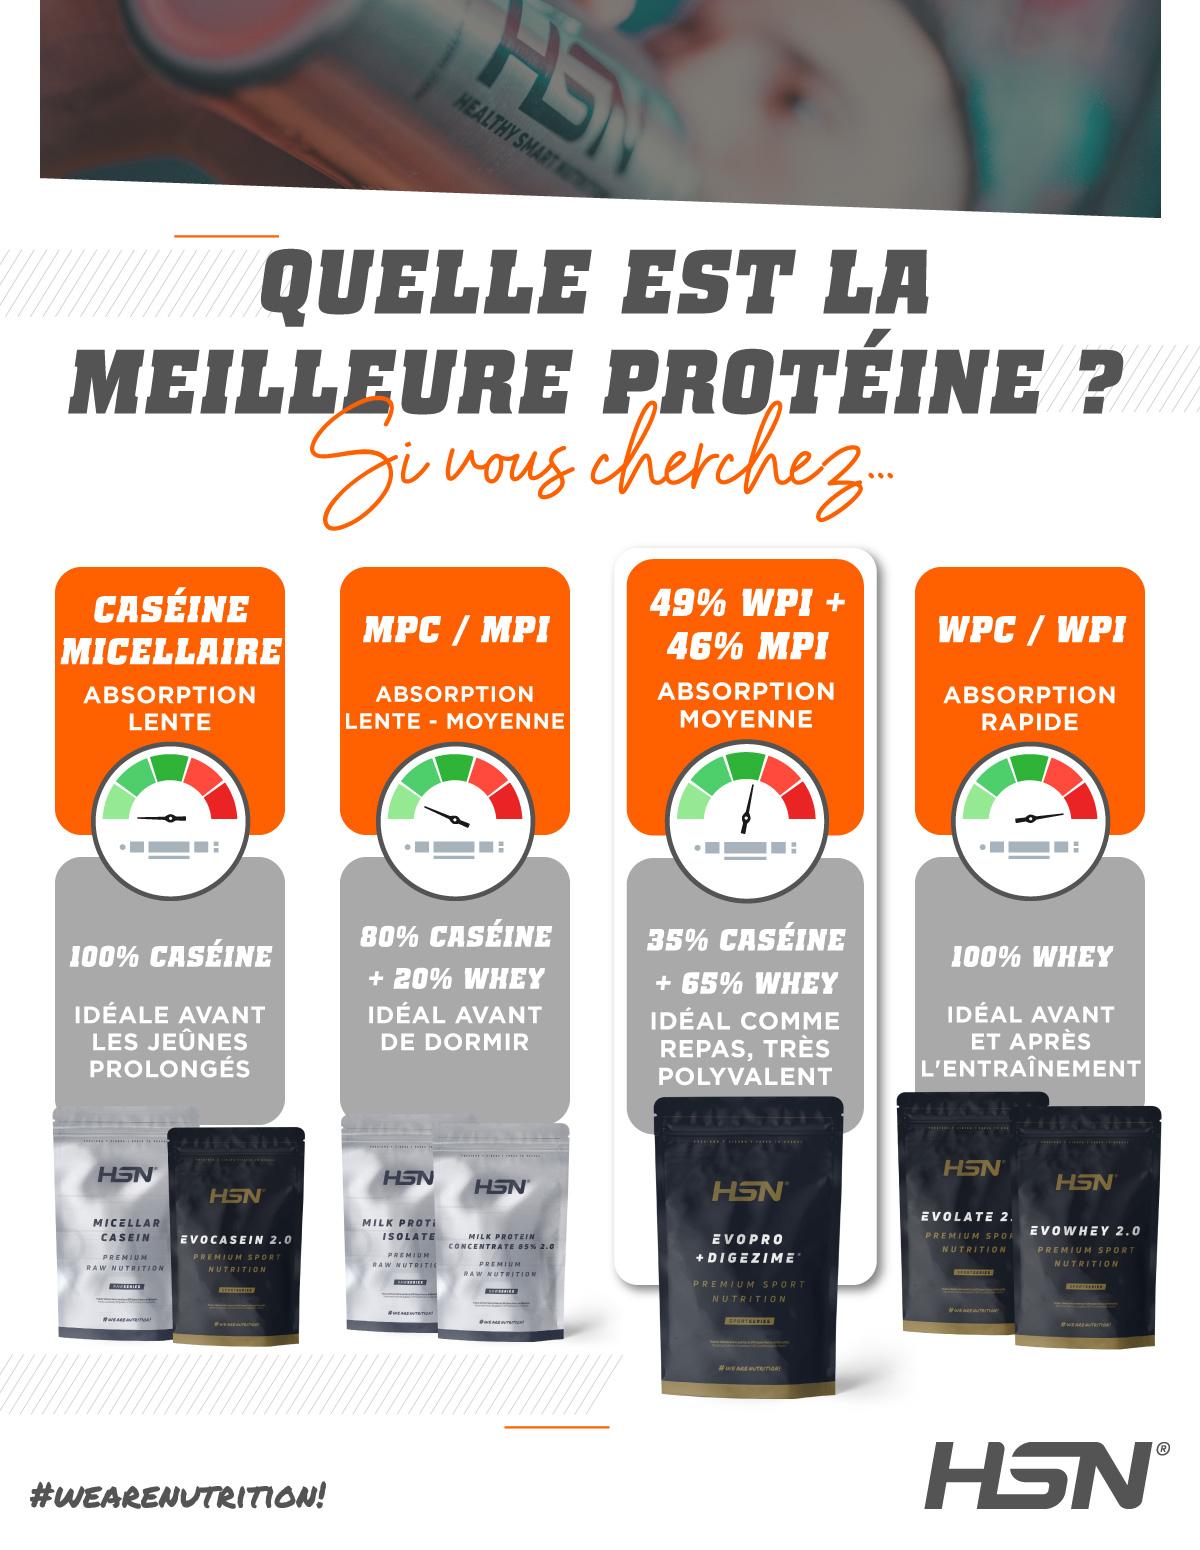 Quelle est la meilleure protéine ? HSN